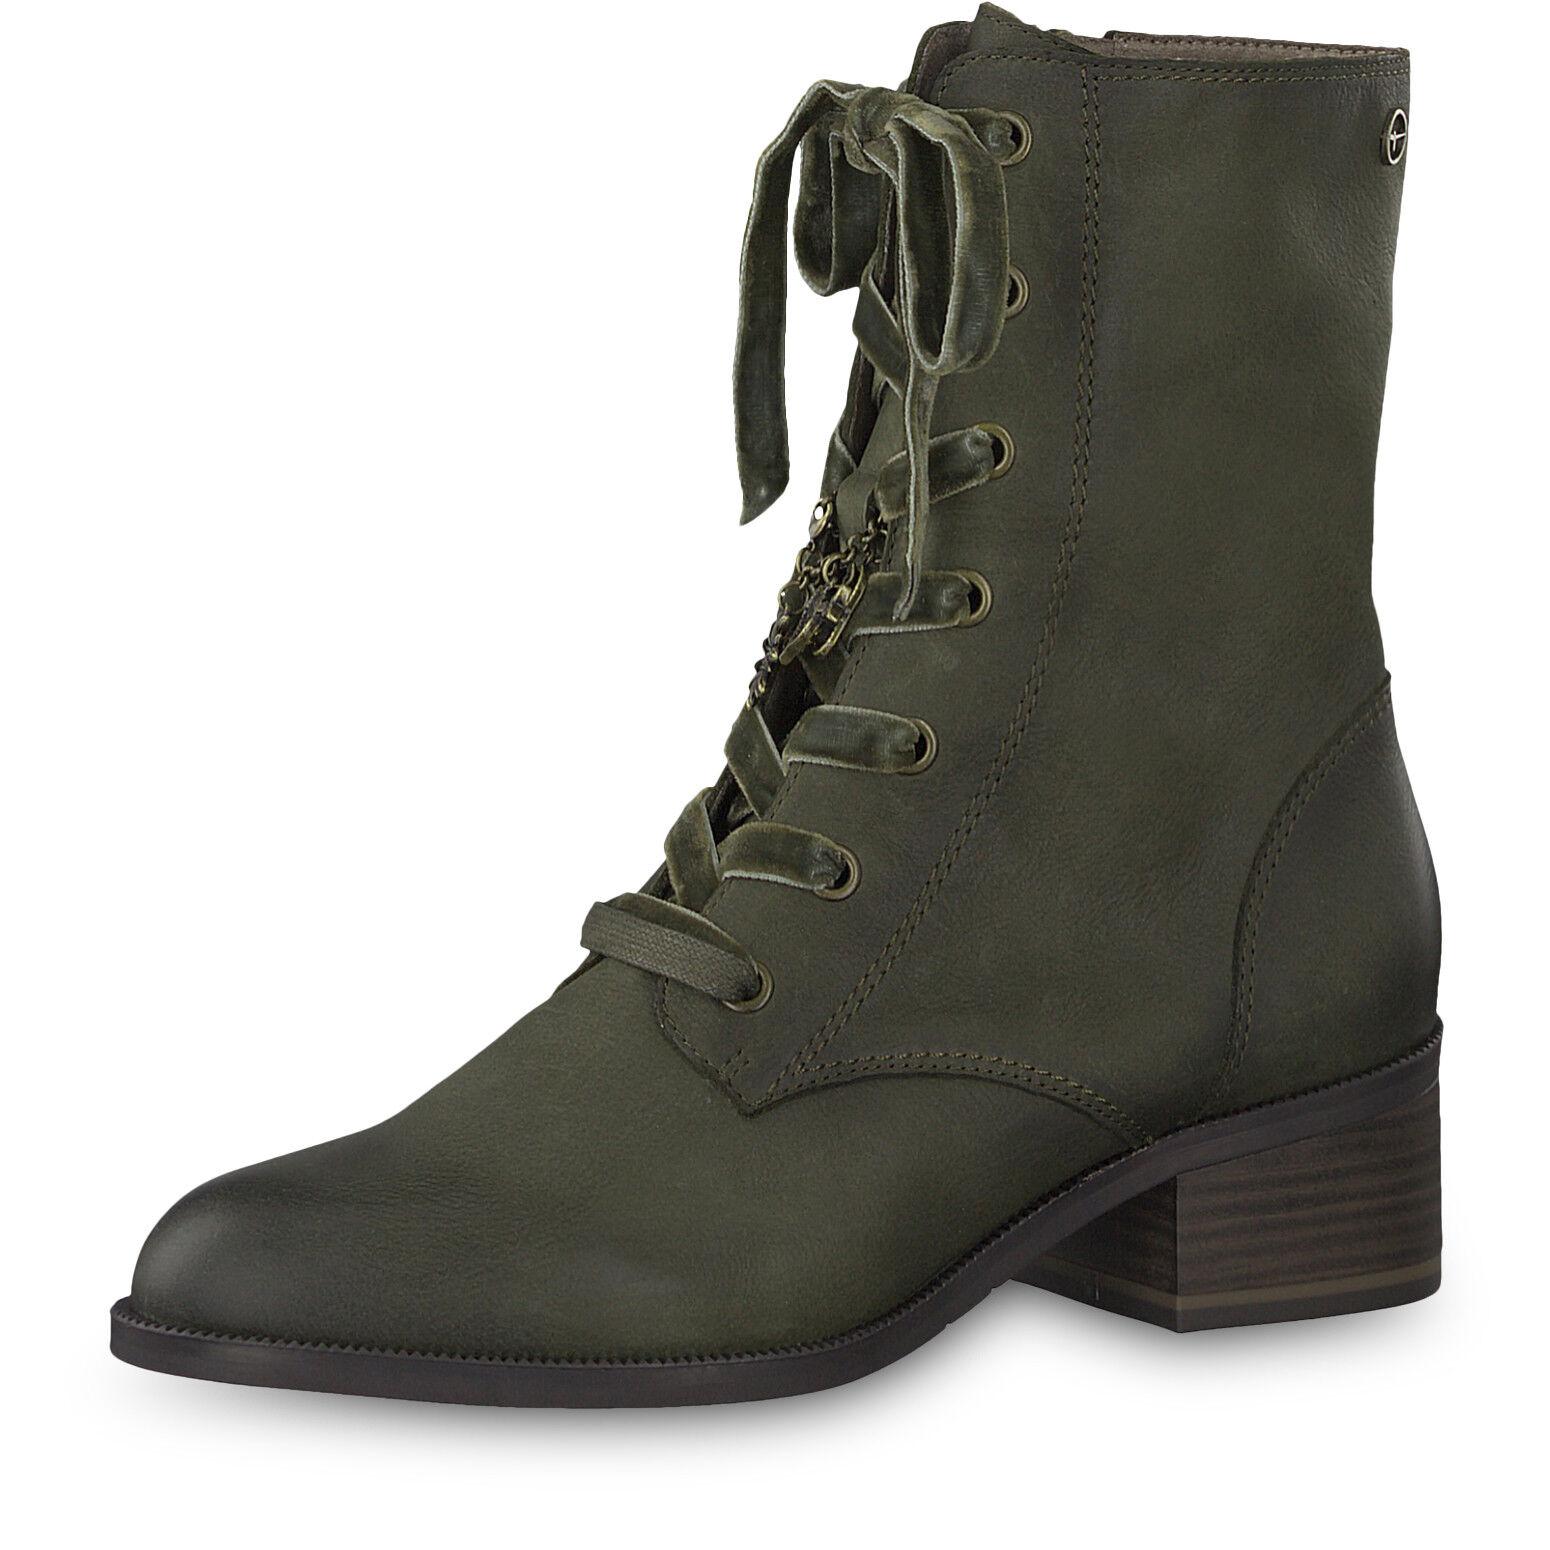 Tamaris Schuhe aus Leder mit Absatz